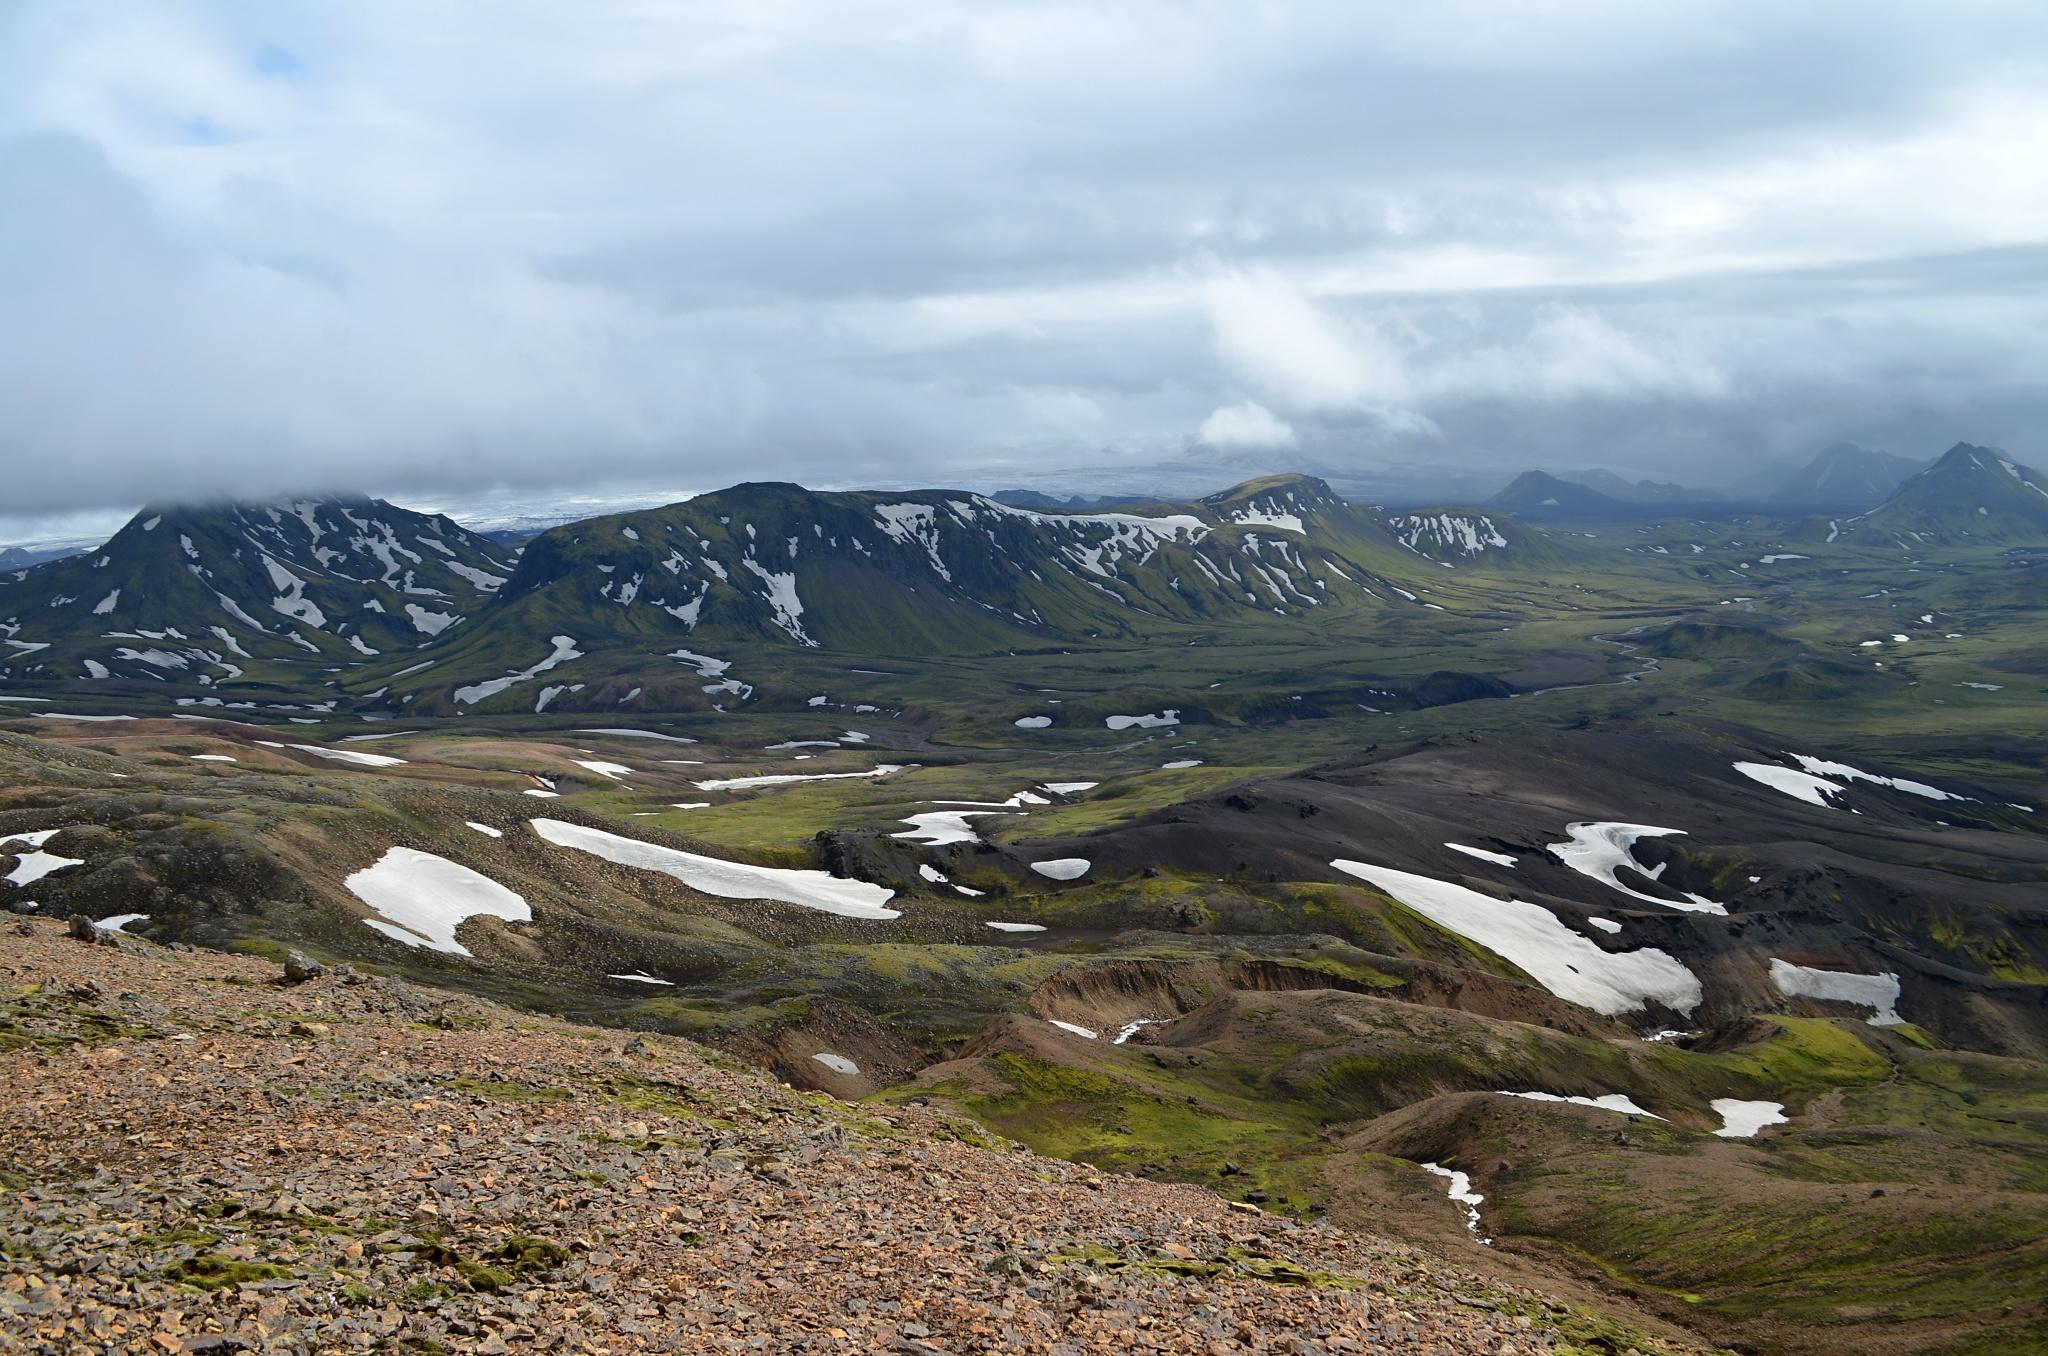 Z náhorní plošiny Jökultungur je krásný výhled do krajiny